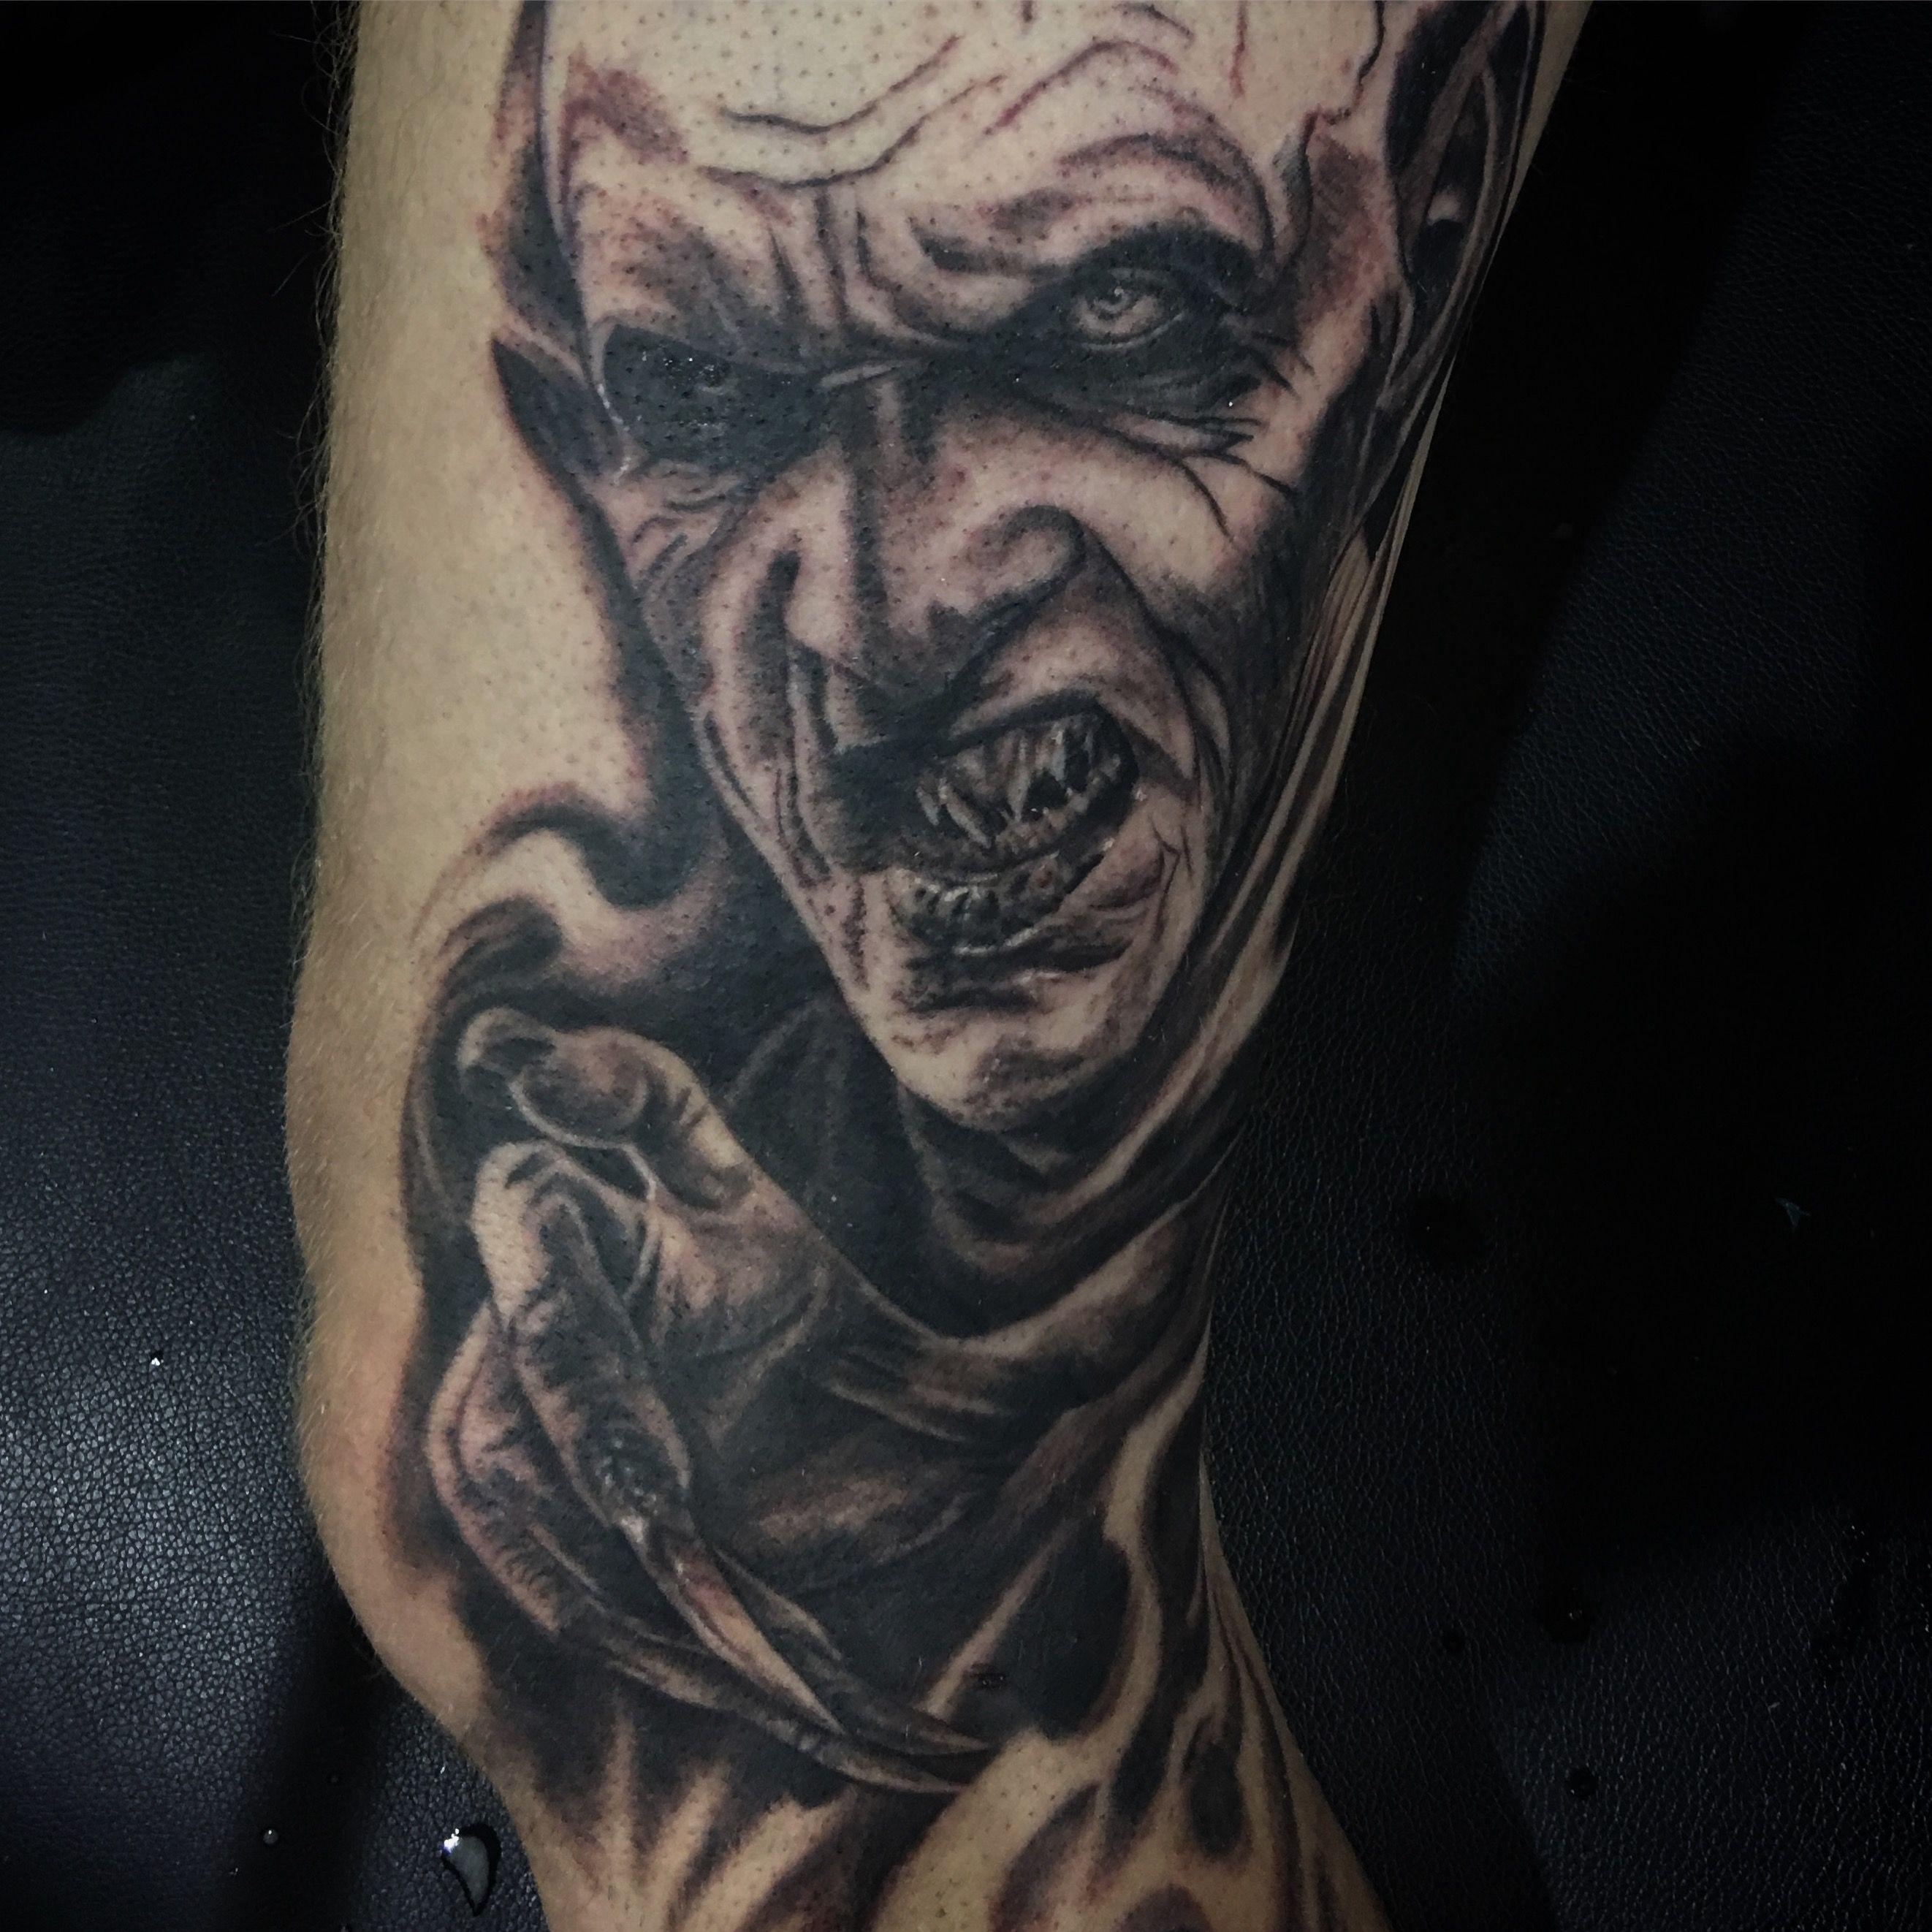 Evil tattoo skull sleeve tattoos evil tattoos tattoos